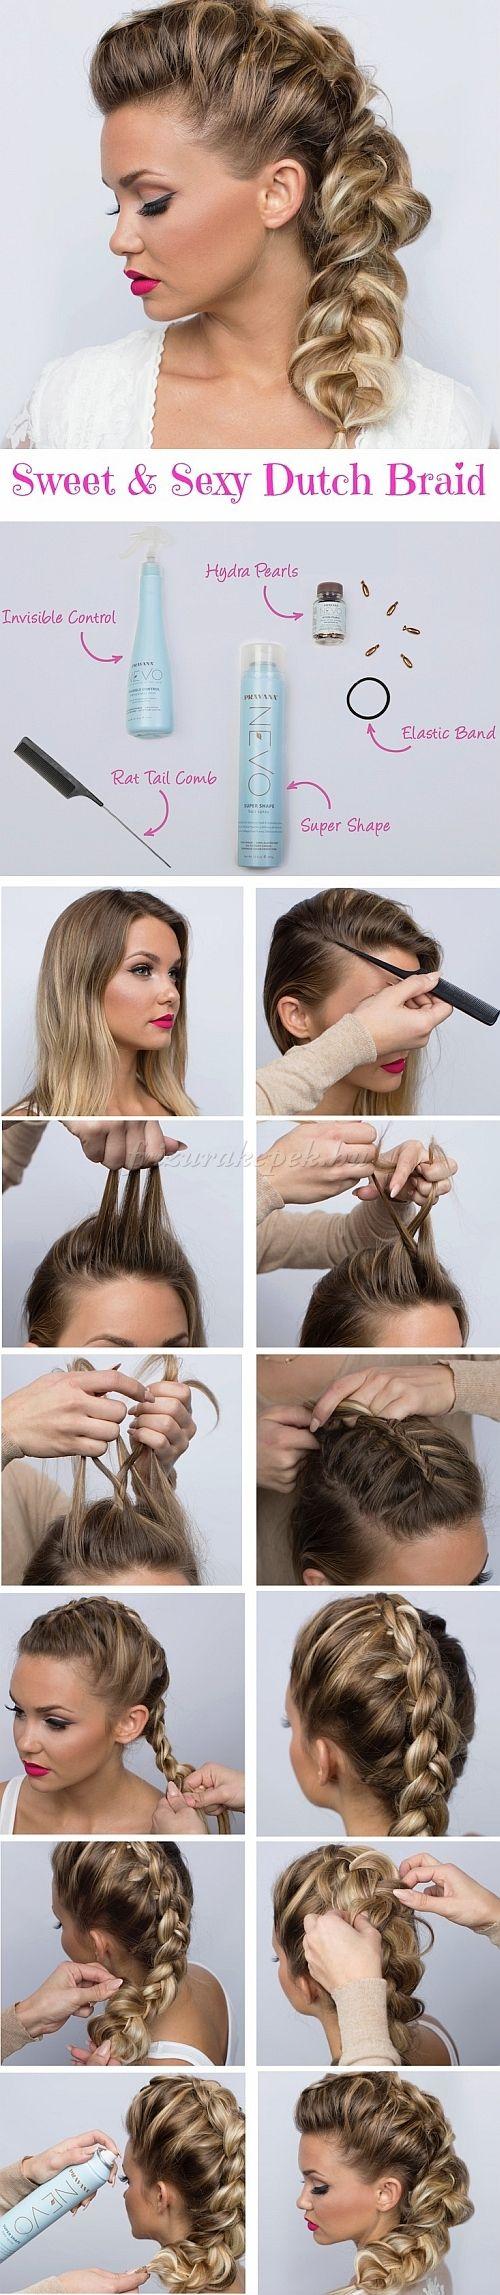 frizurák lépésről lépésre, frizurakészítés otthon, csináld magad frizurák, frizurák otthon készítve